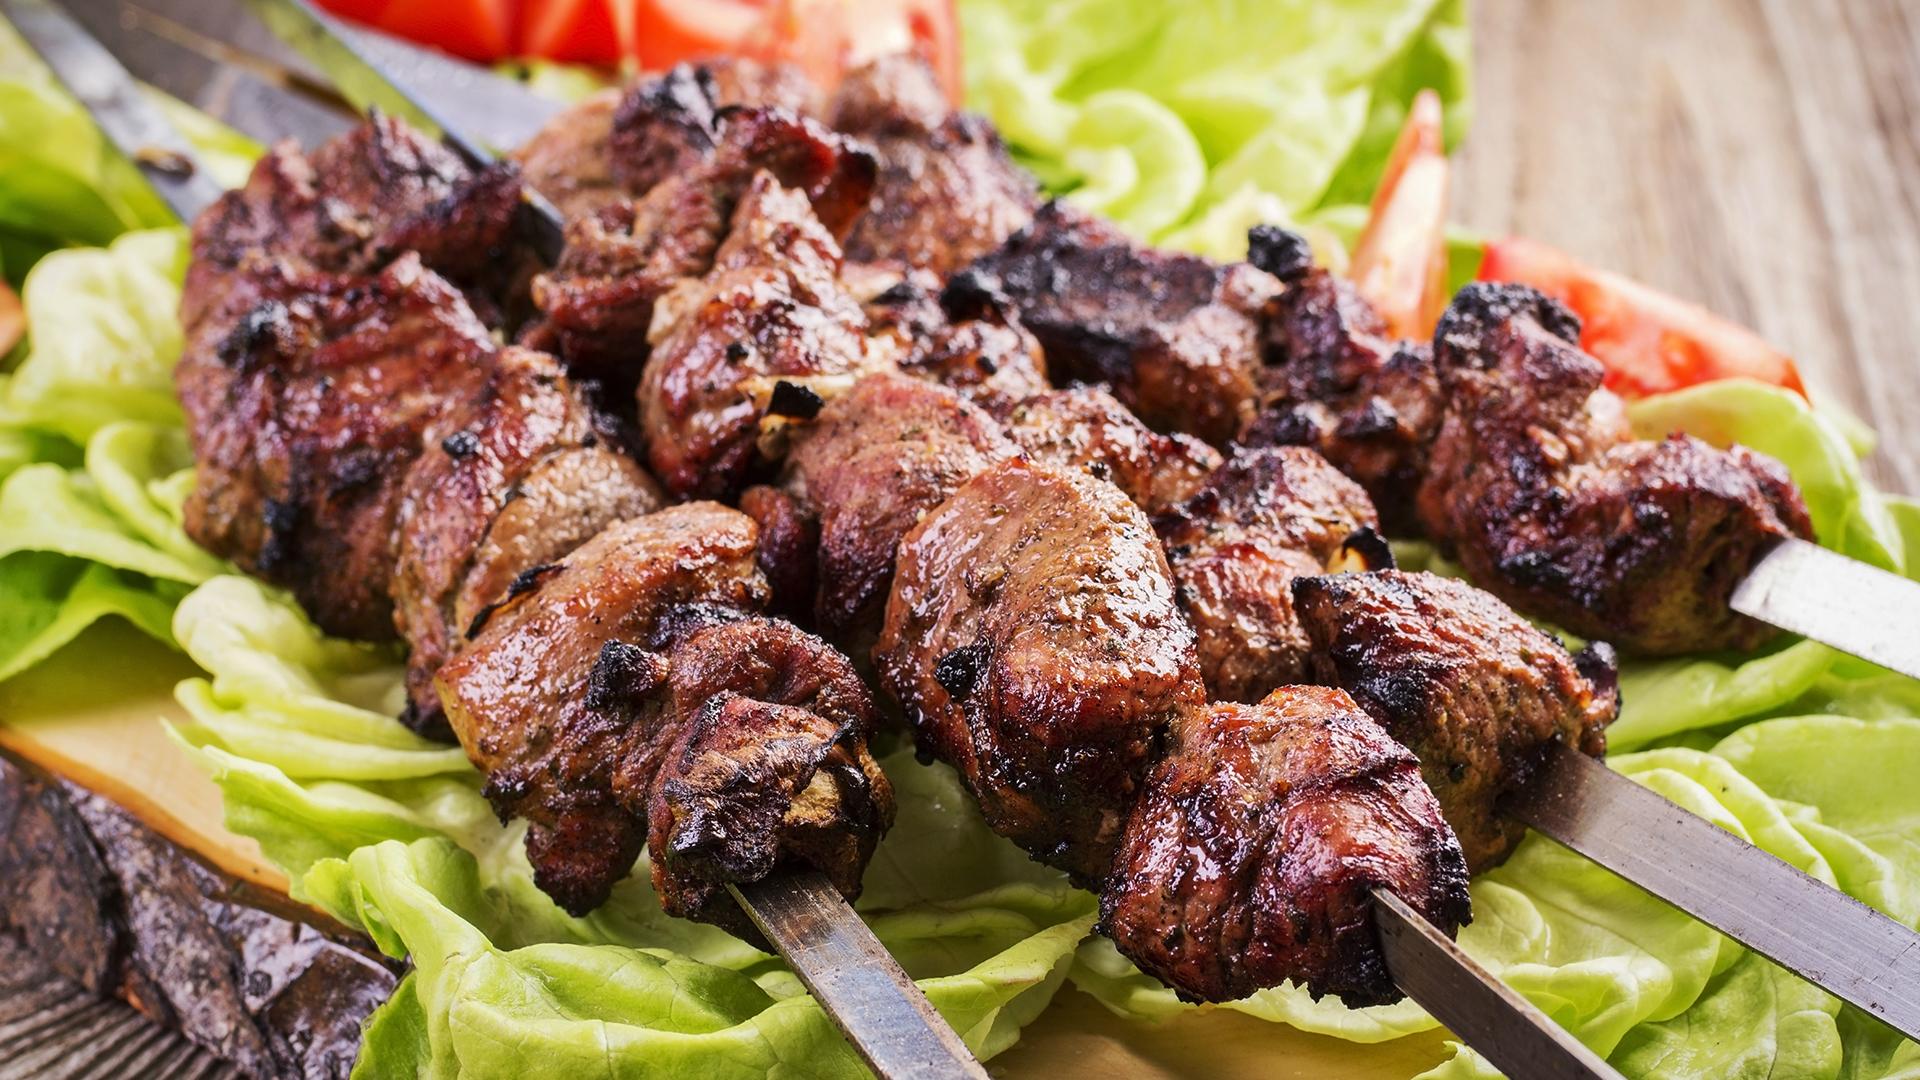 Шашлык по-кавказски - 8 самых вкусных рецептов от шеф-поваров с мировым именем